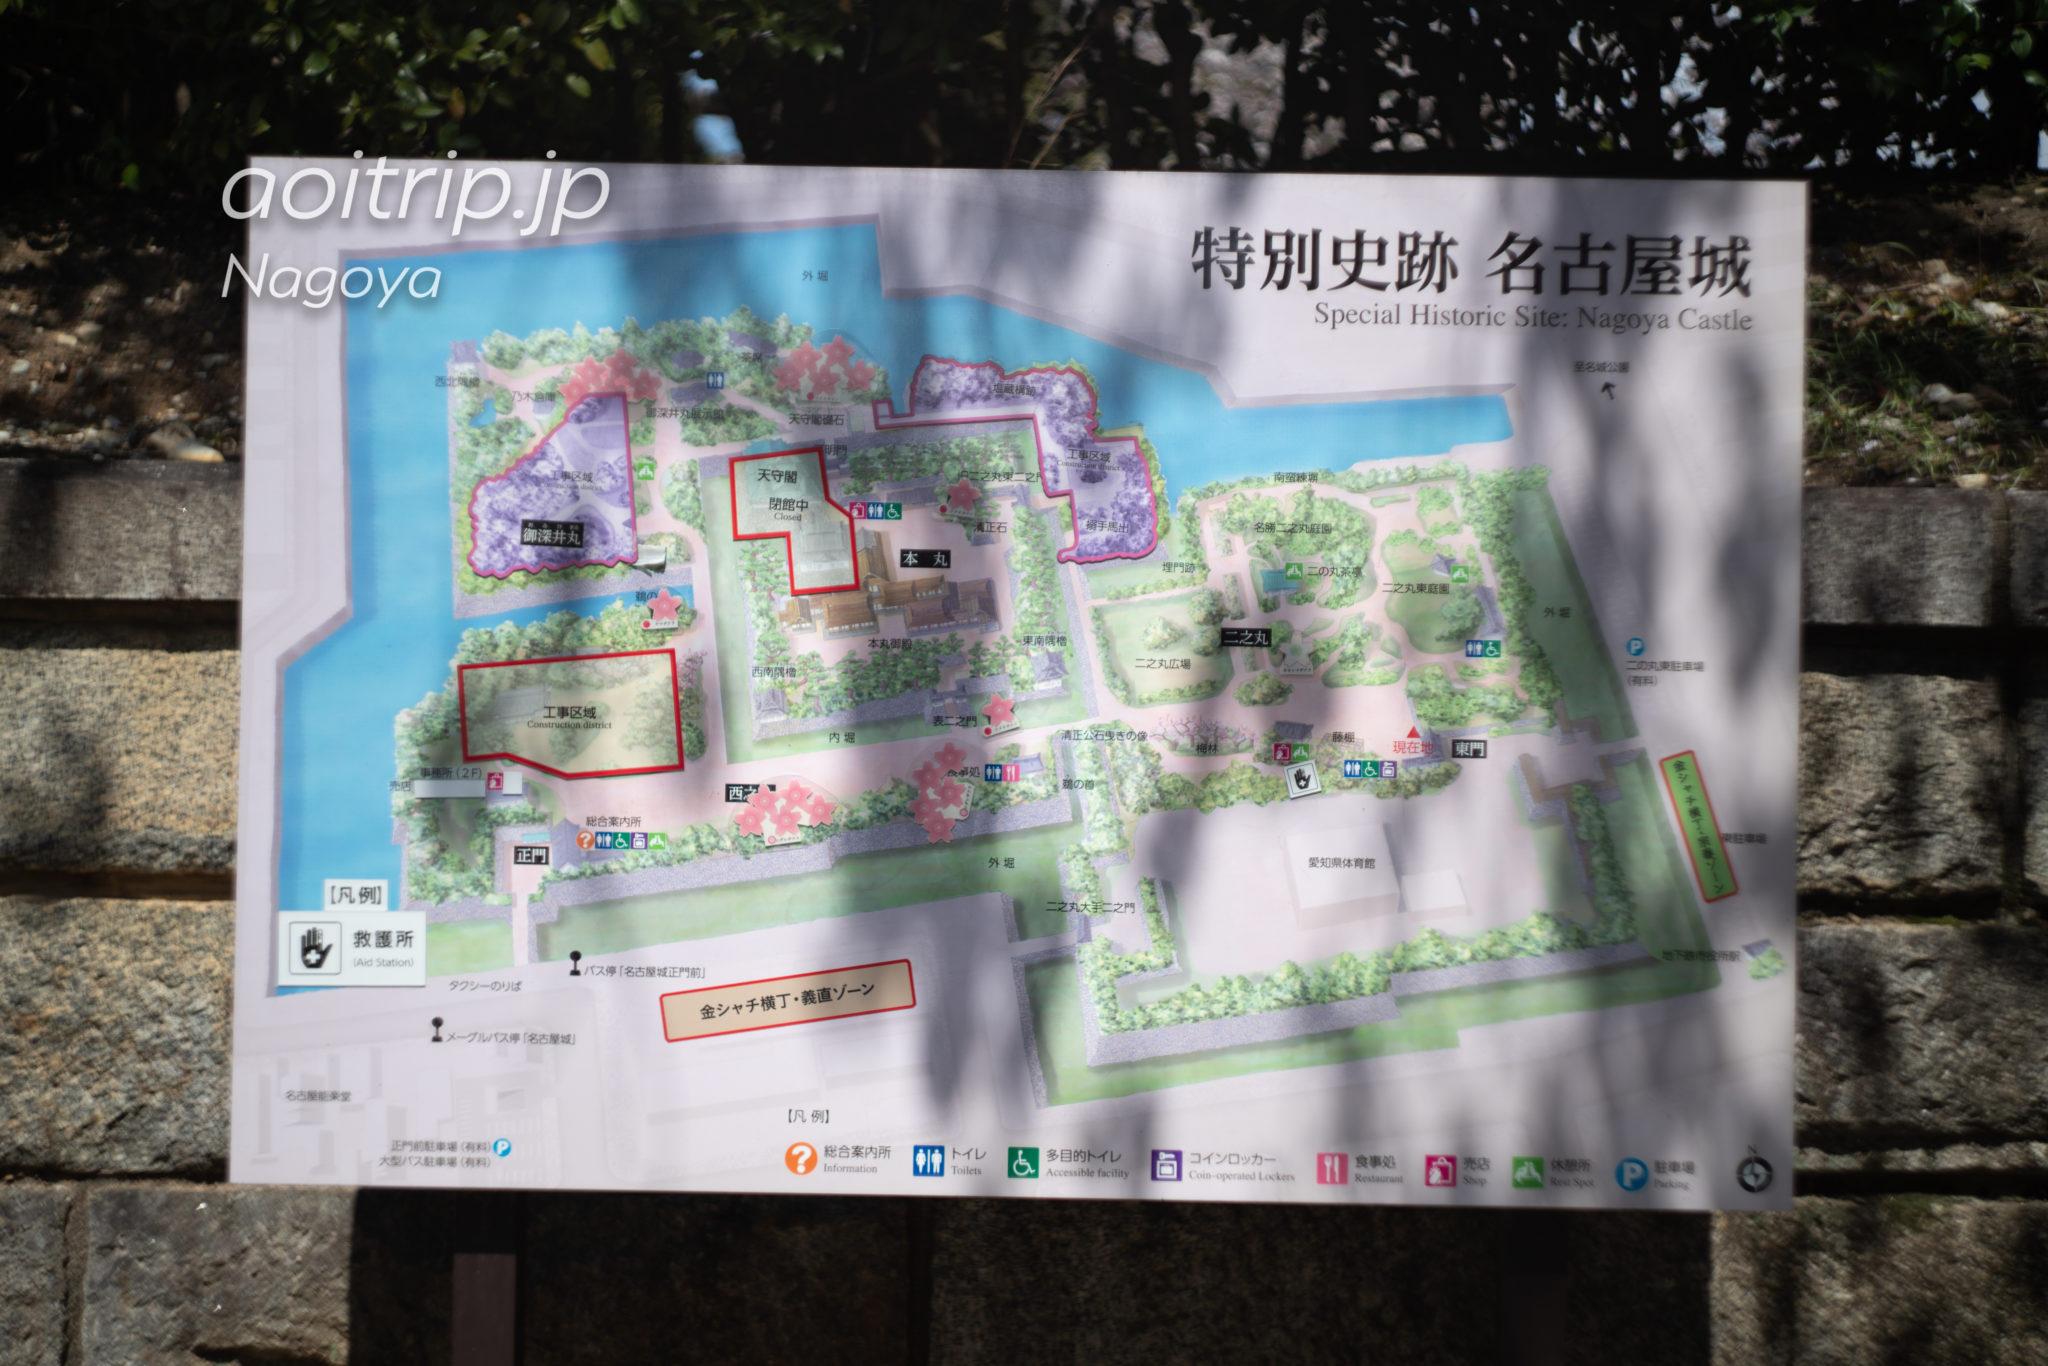 名古屋城の城内案内マップ